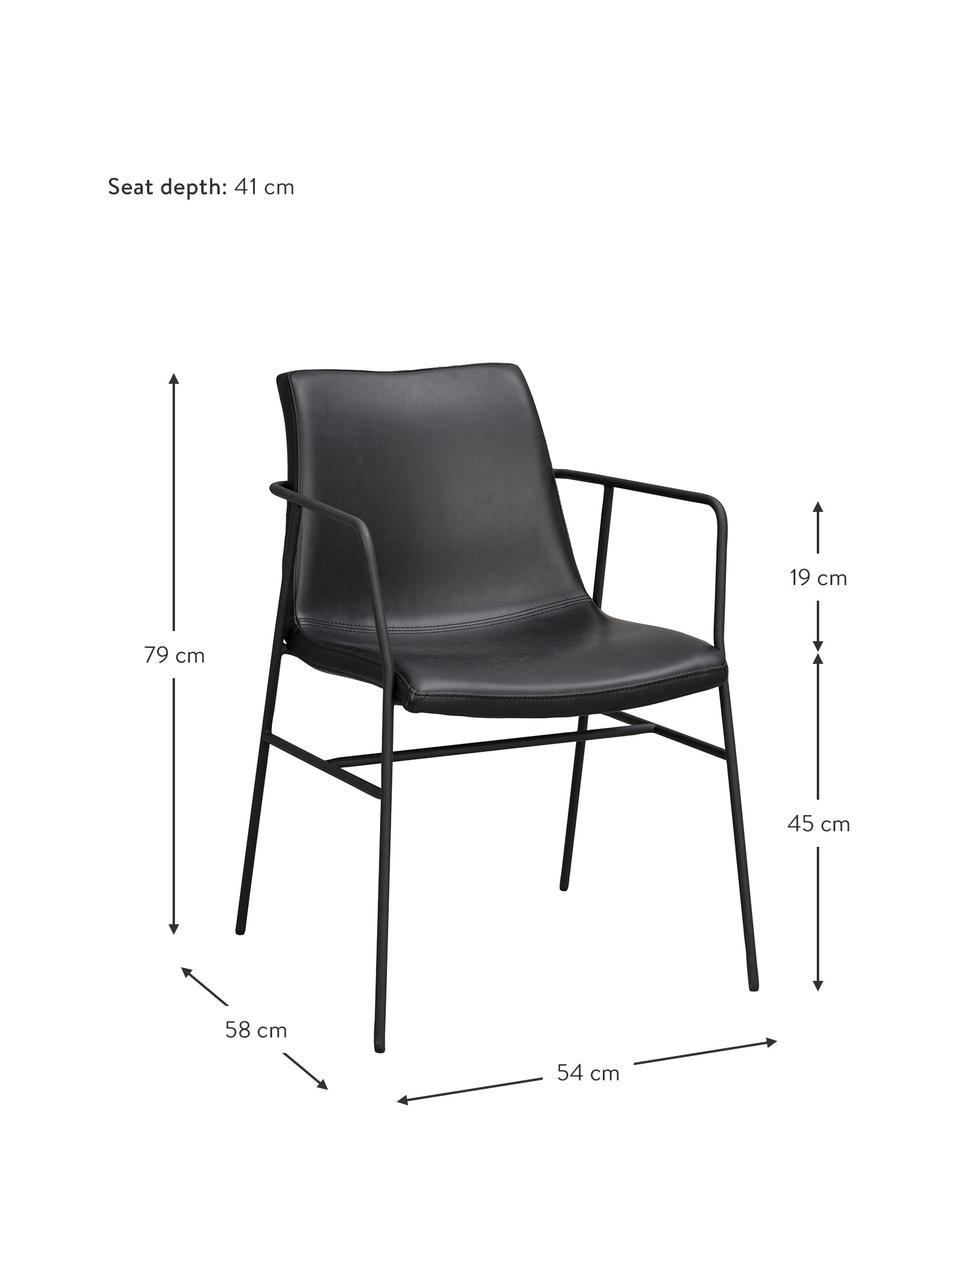 Kunstleder-Armlehnstühle Huntington in Schwarz, 2 Stück, Bezug: Kunstleder (Polyurethan) , Beine: Metall, beschichtet, Kunstleder Schwarz, B 54 x T 58 cm